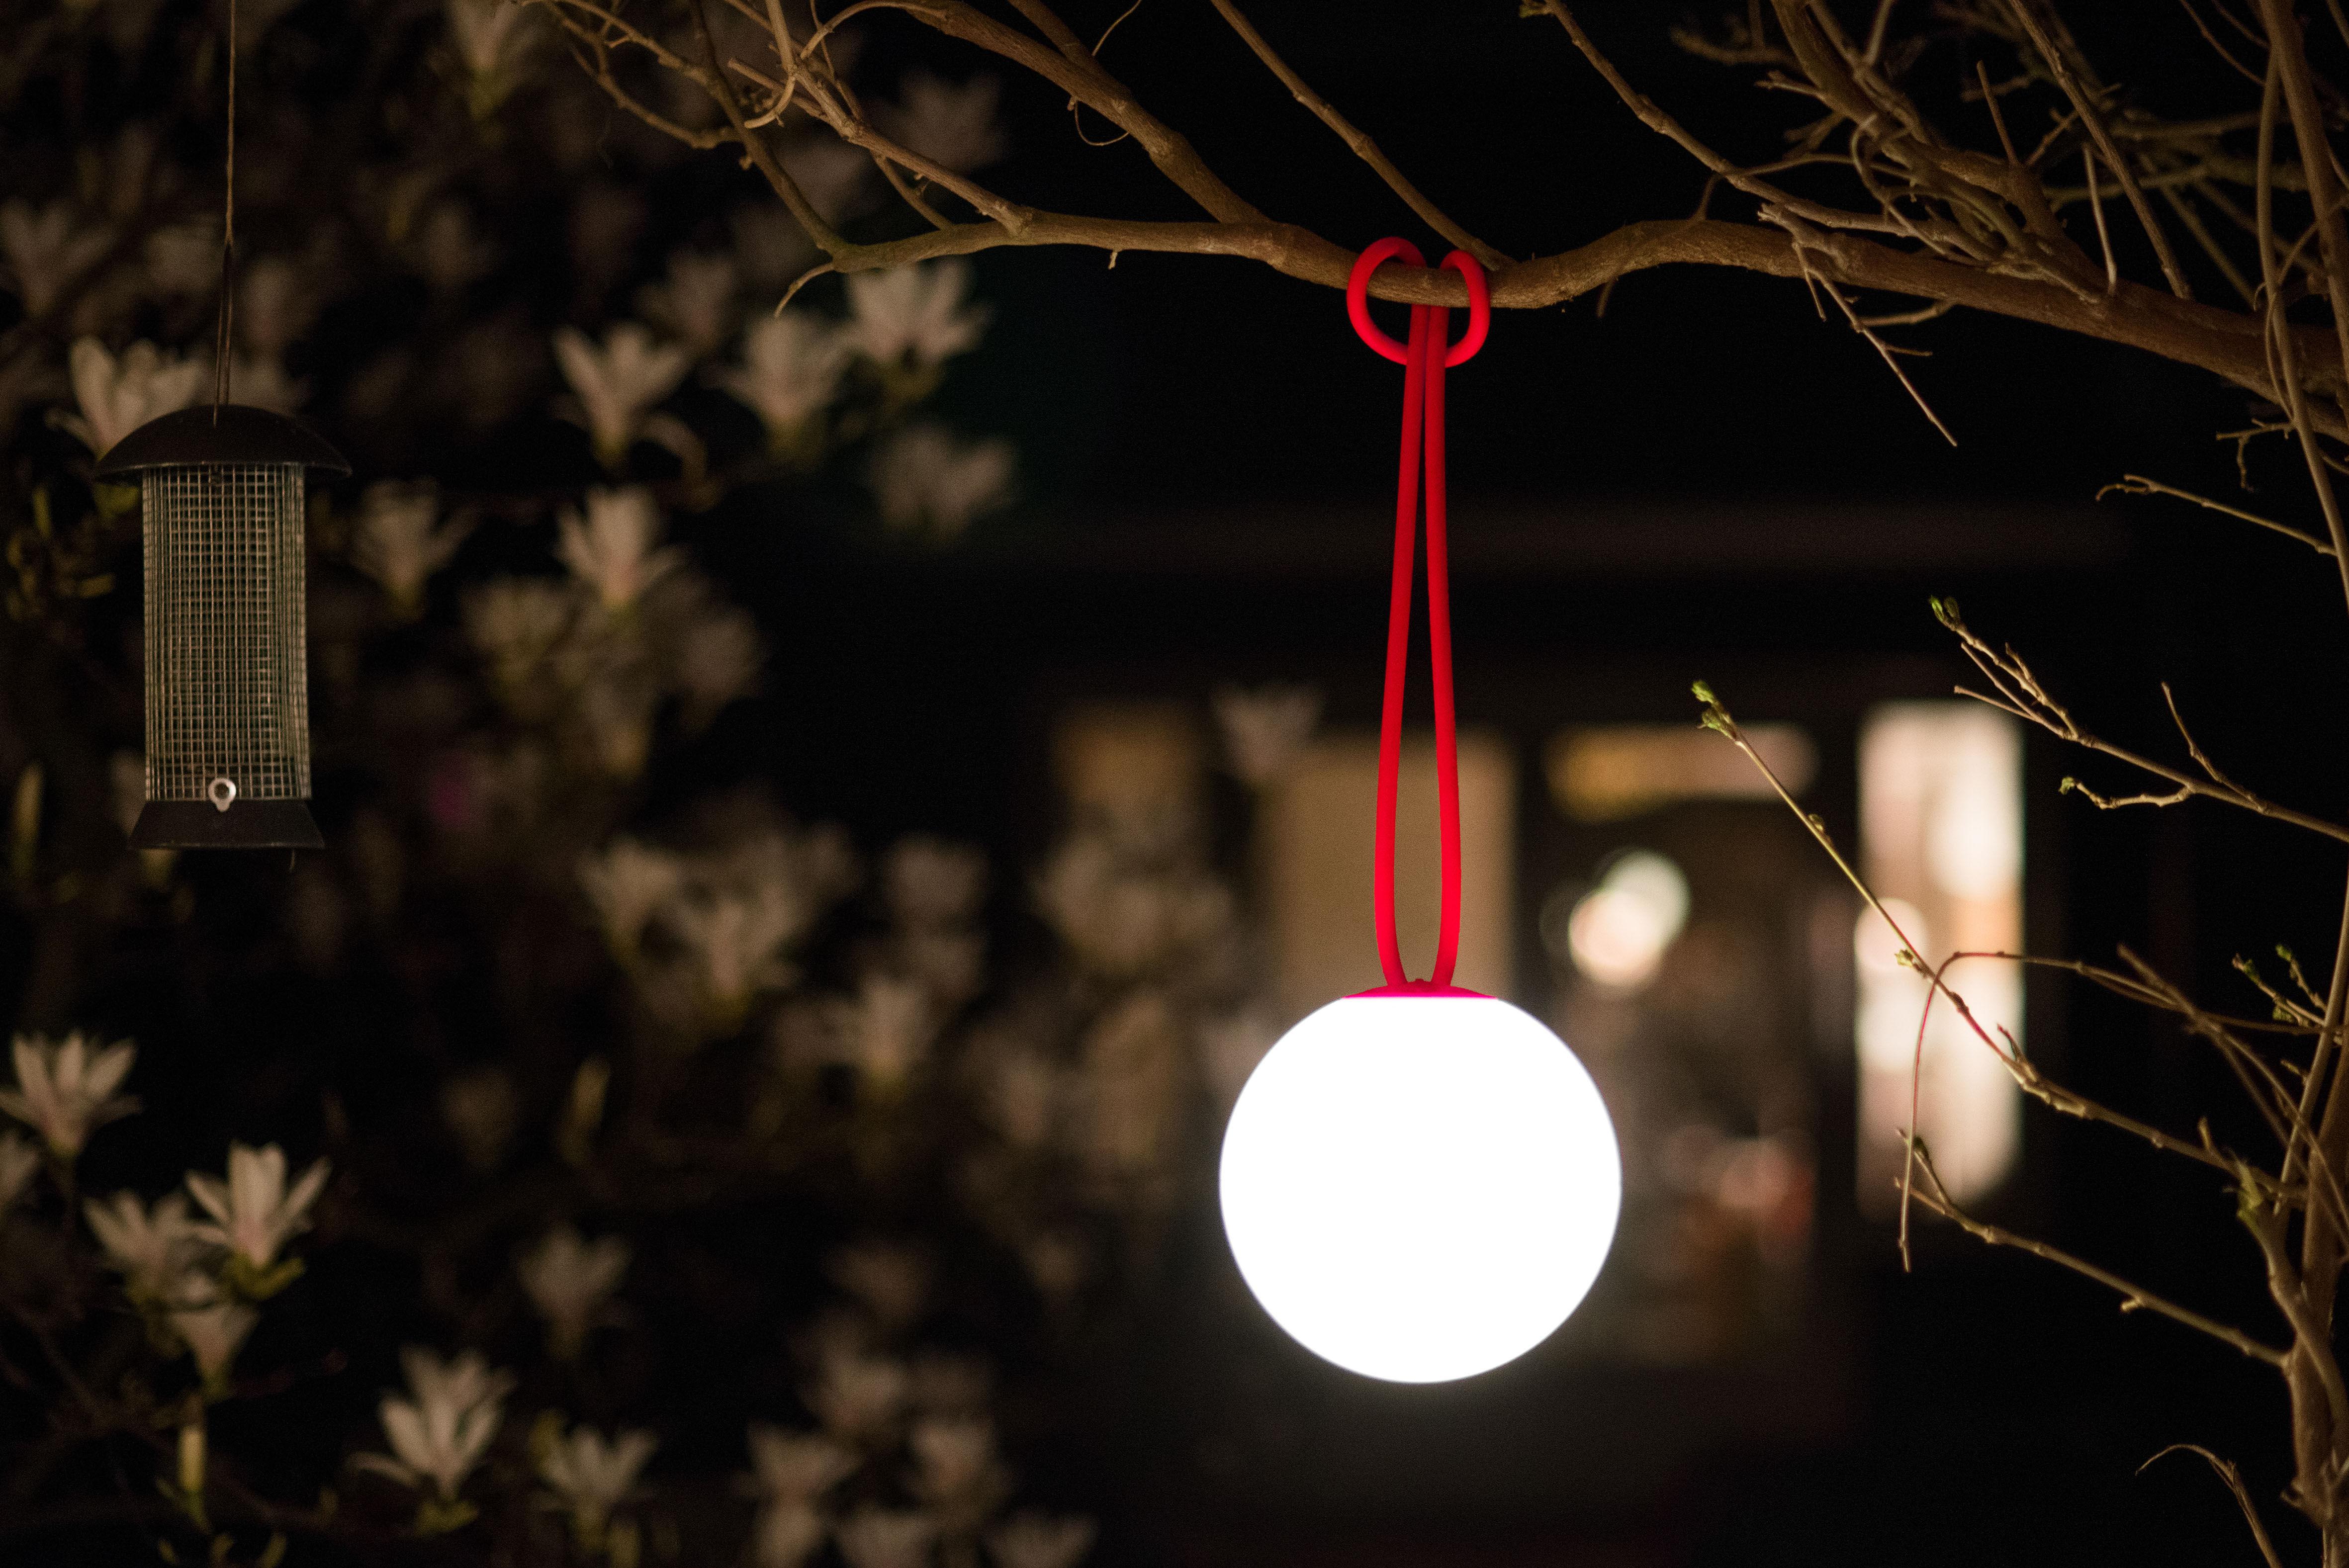 bolleke lampe ohne kabel - led - für haus und garten - mit usb